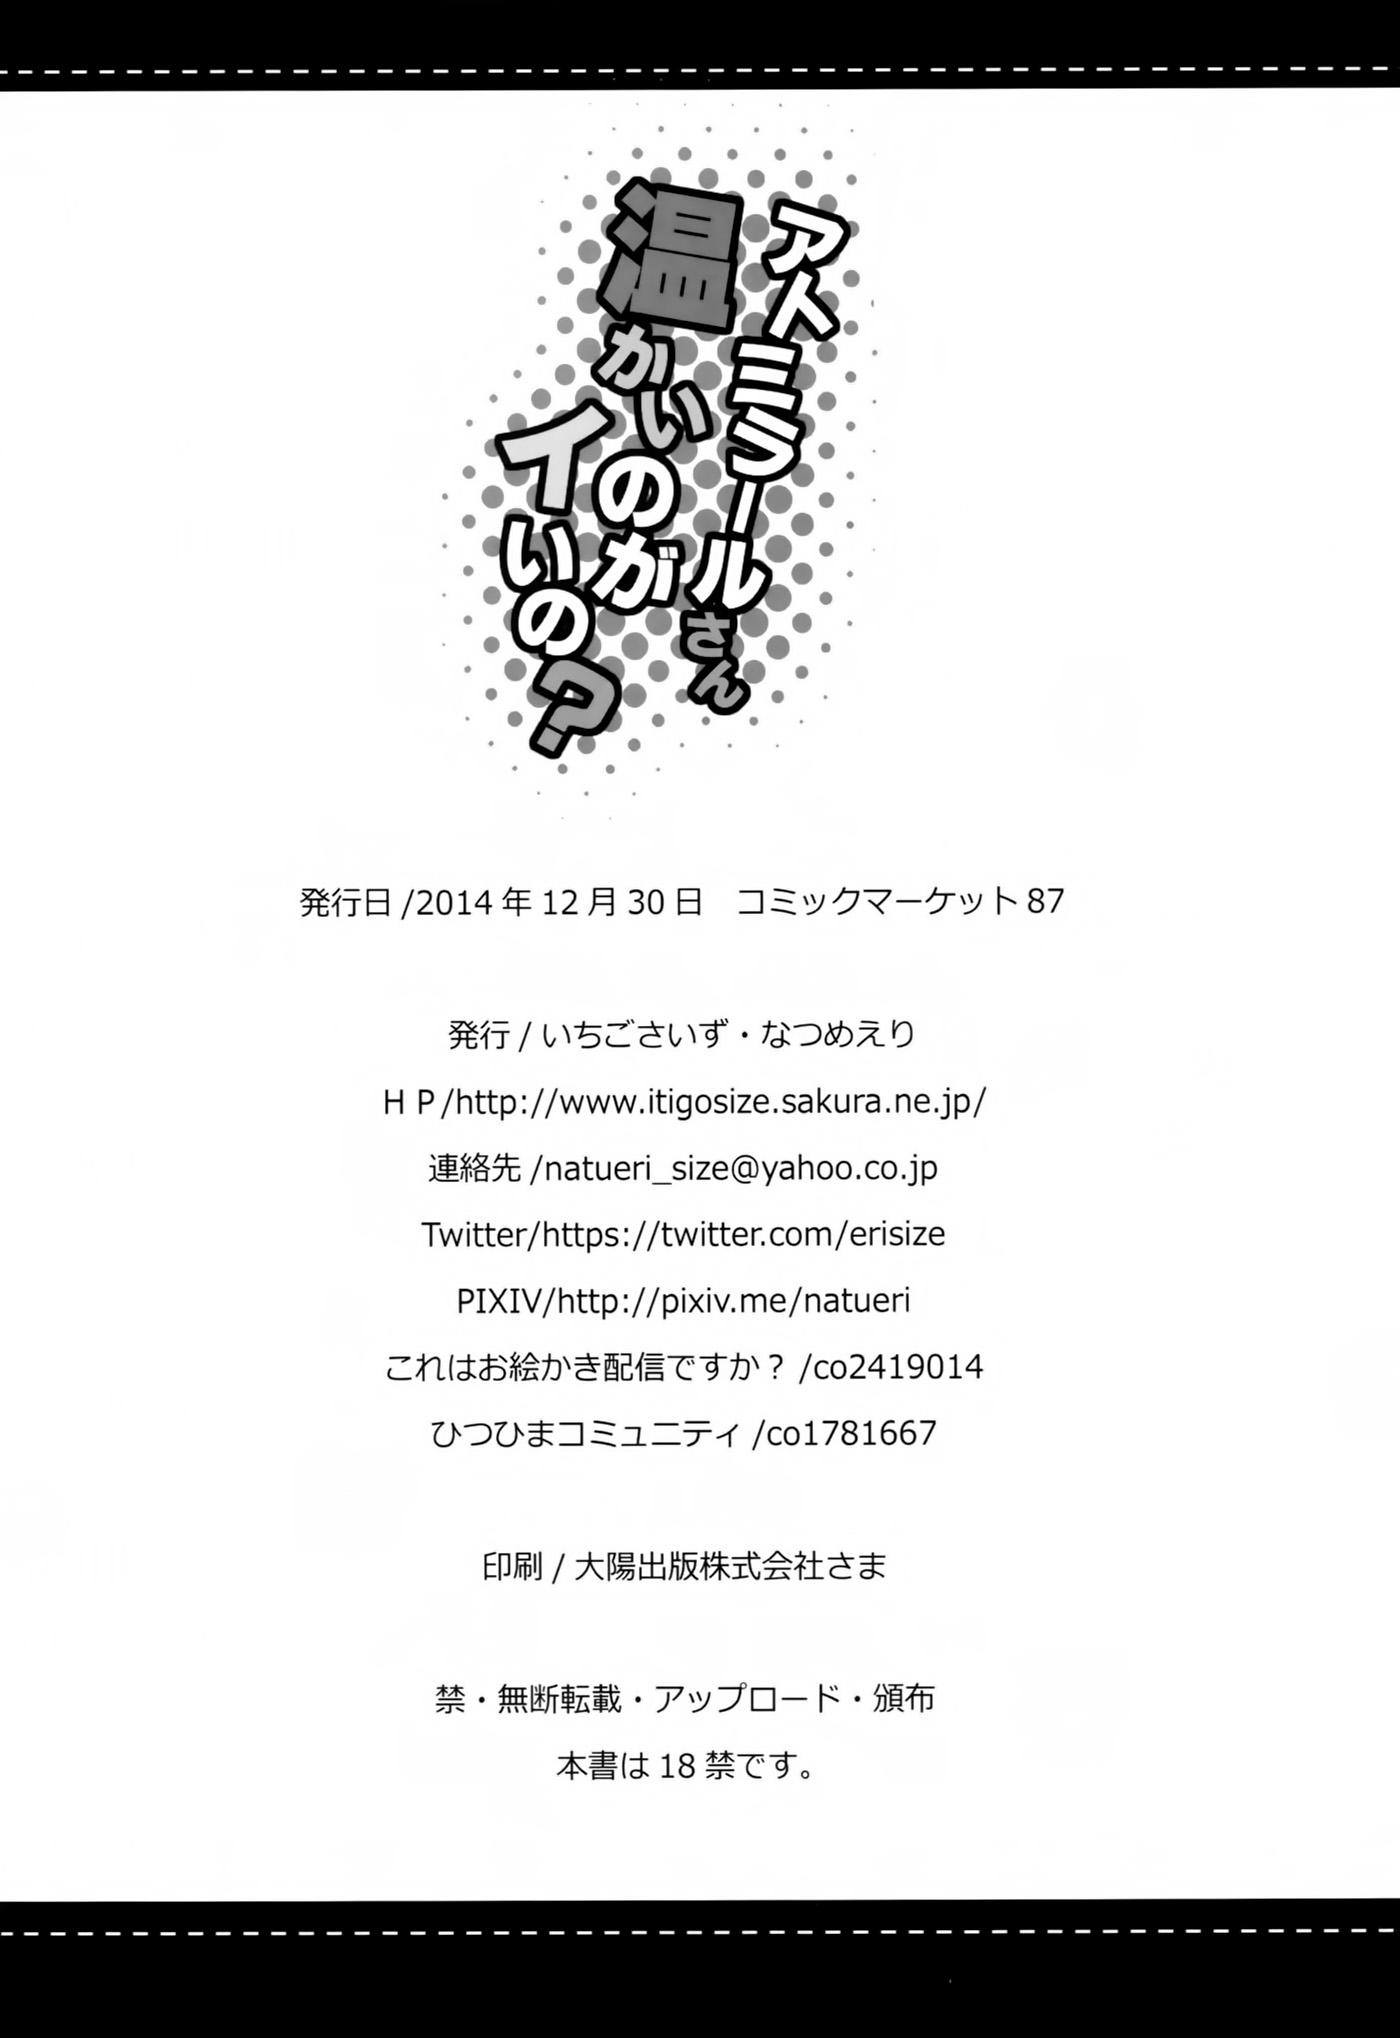 Hình ảnh H00024 in Admiral-san Atatakai no ga Iino